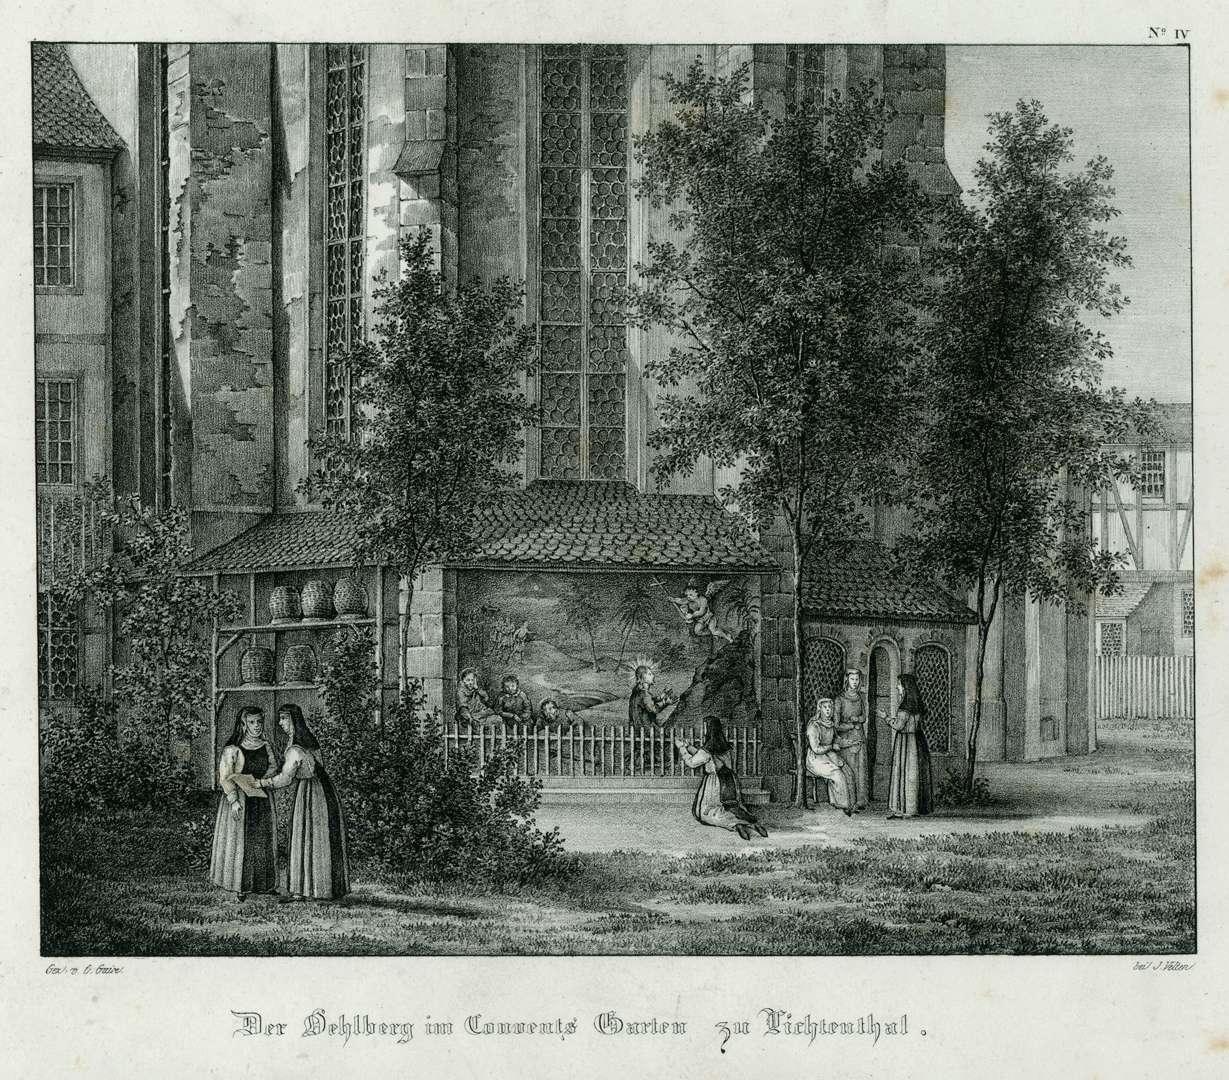 Der Oehlberg im Convents Garten zu Lichtenthal, Bild 1